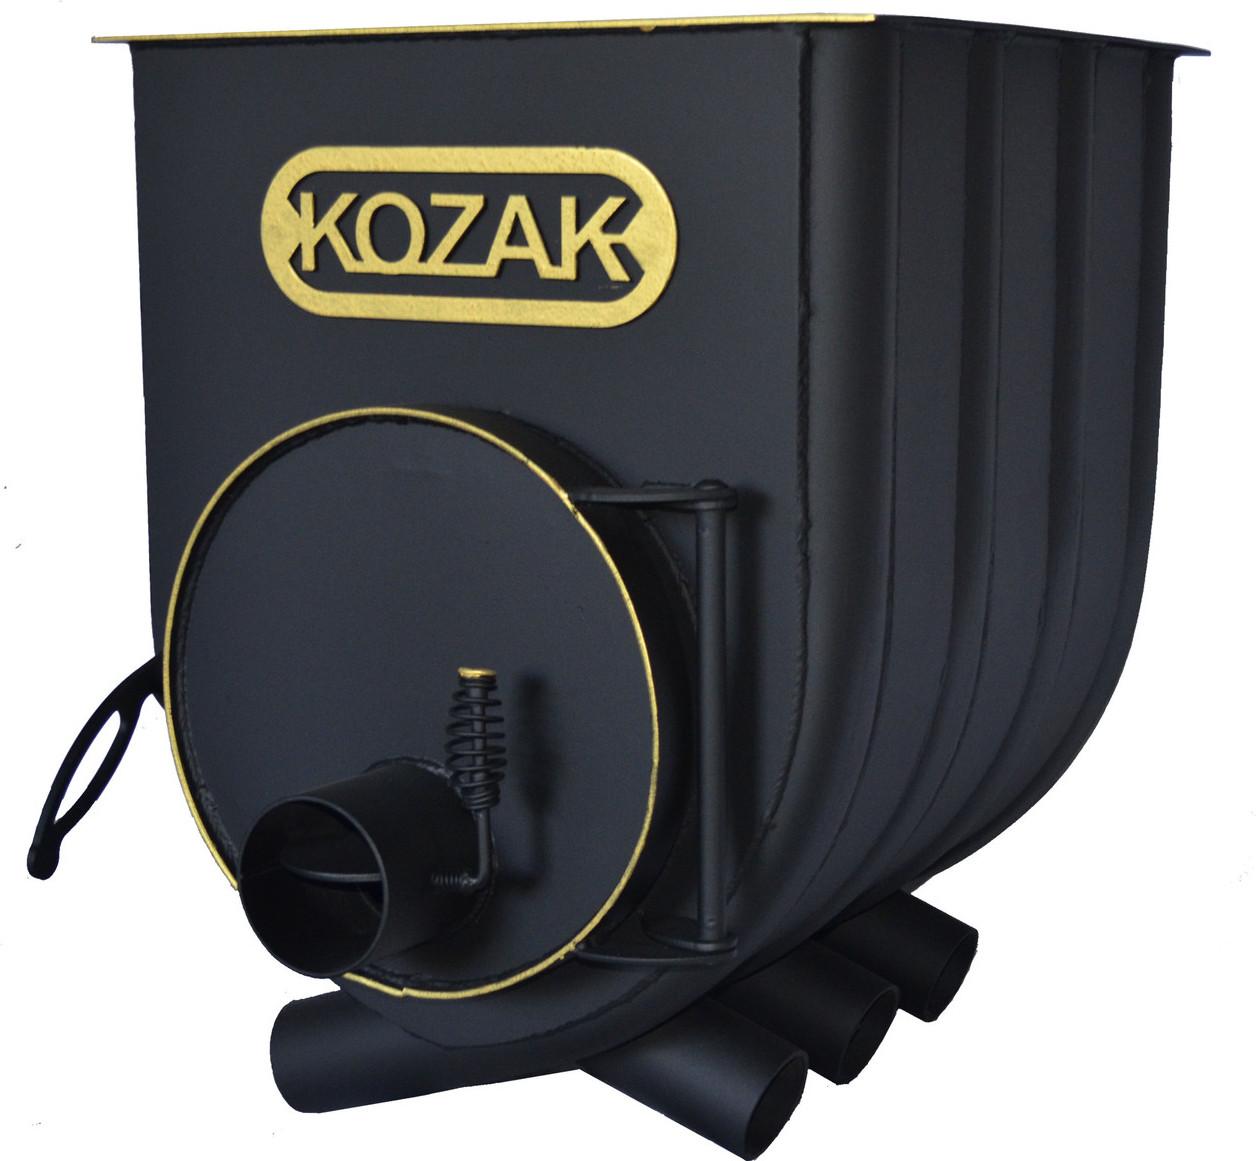 """Булерьян с варочной поверхностью KOZAK на 120 м3"""" с вторичной камерой дожига высоким КПД 75%"""